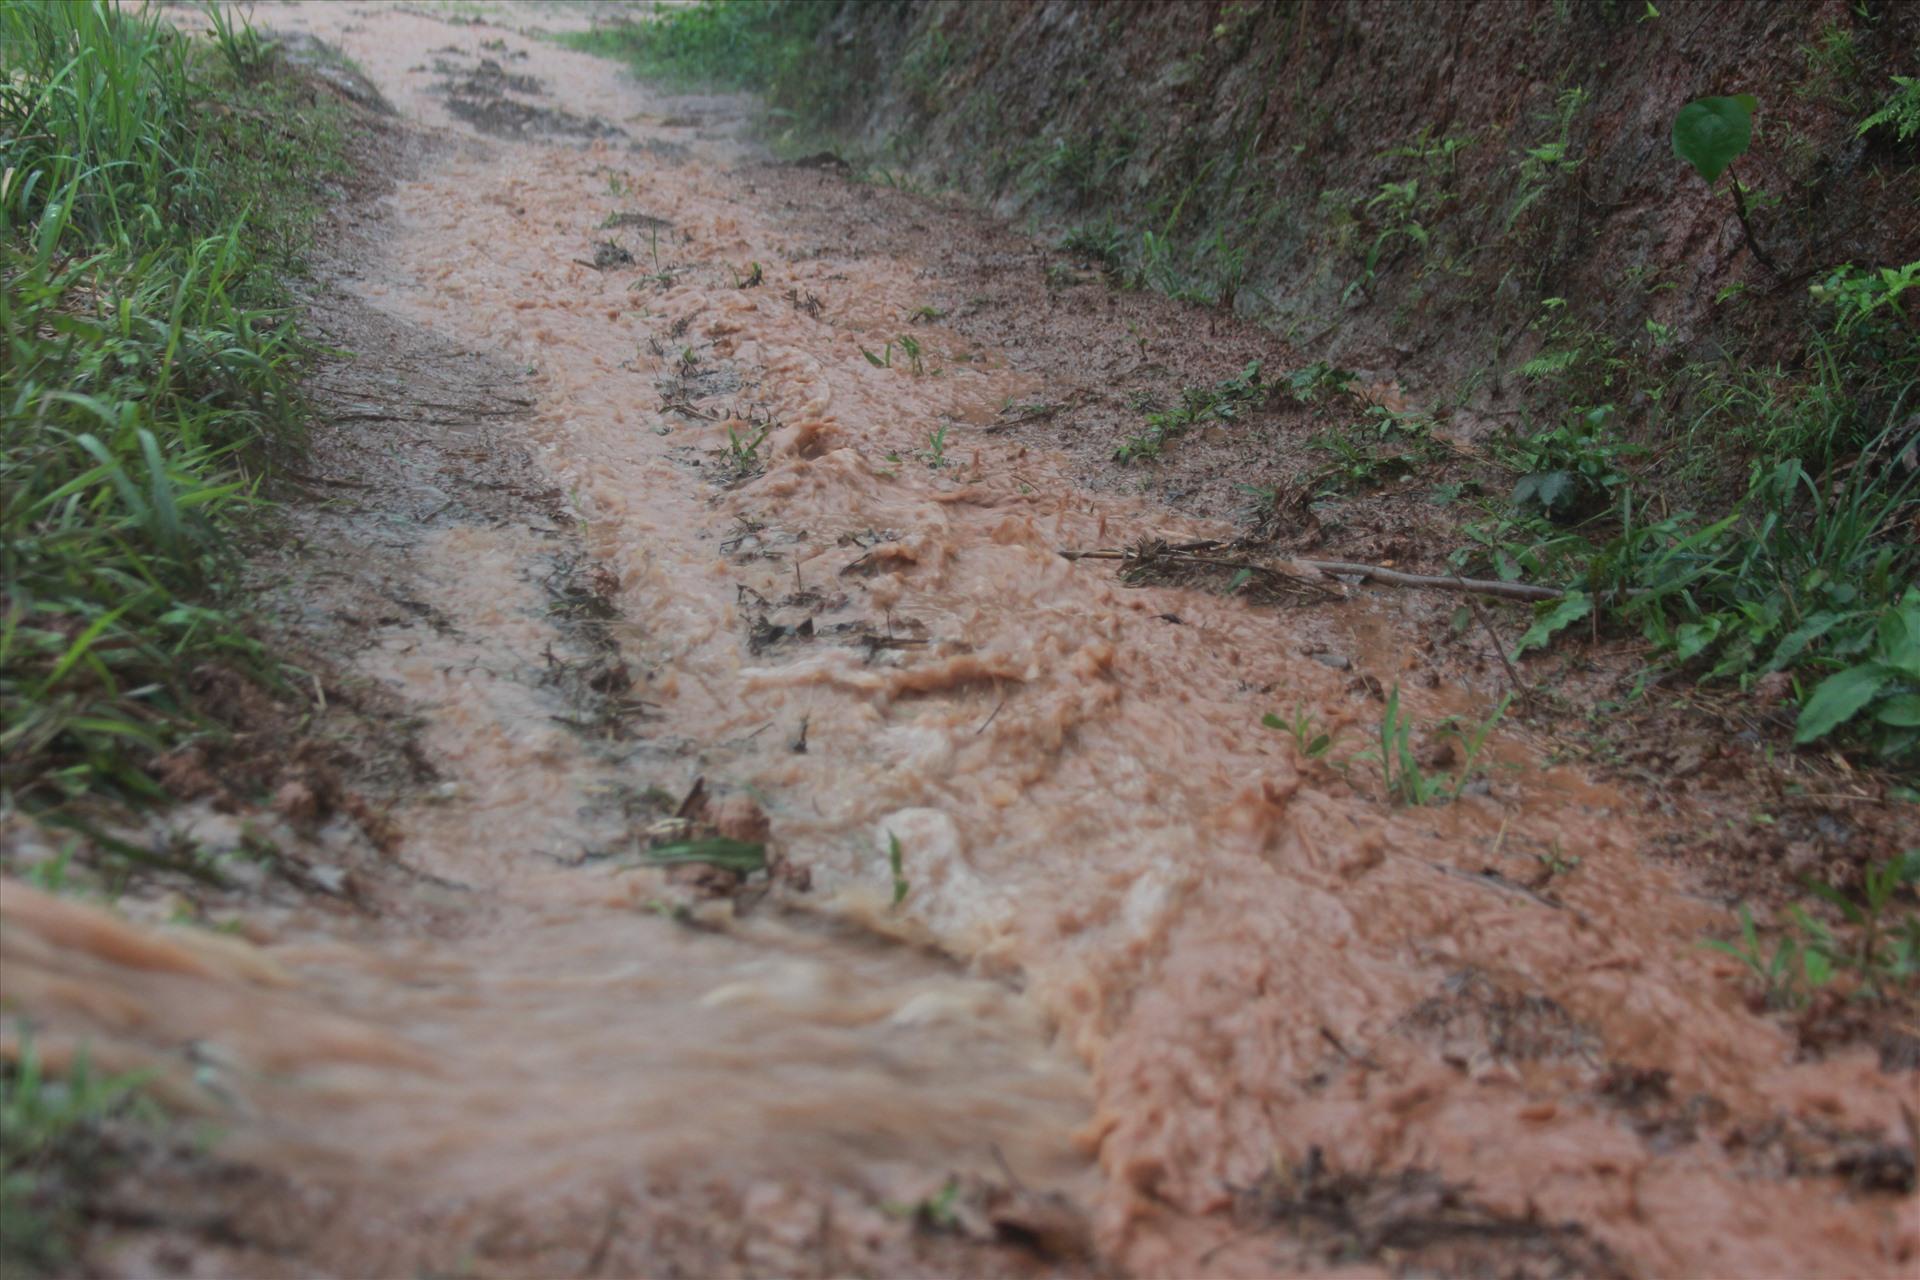 Con đường lầy lội, thời tiết khắc nghiệt là những gì các chiến sĩ bộ đội biên phòng tỉnh Lạng Sơn đang phải hàng ngày đối mặt để chủ động phòng, chống dịch COVID-19 từ xa.